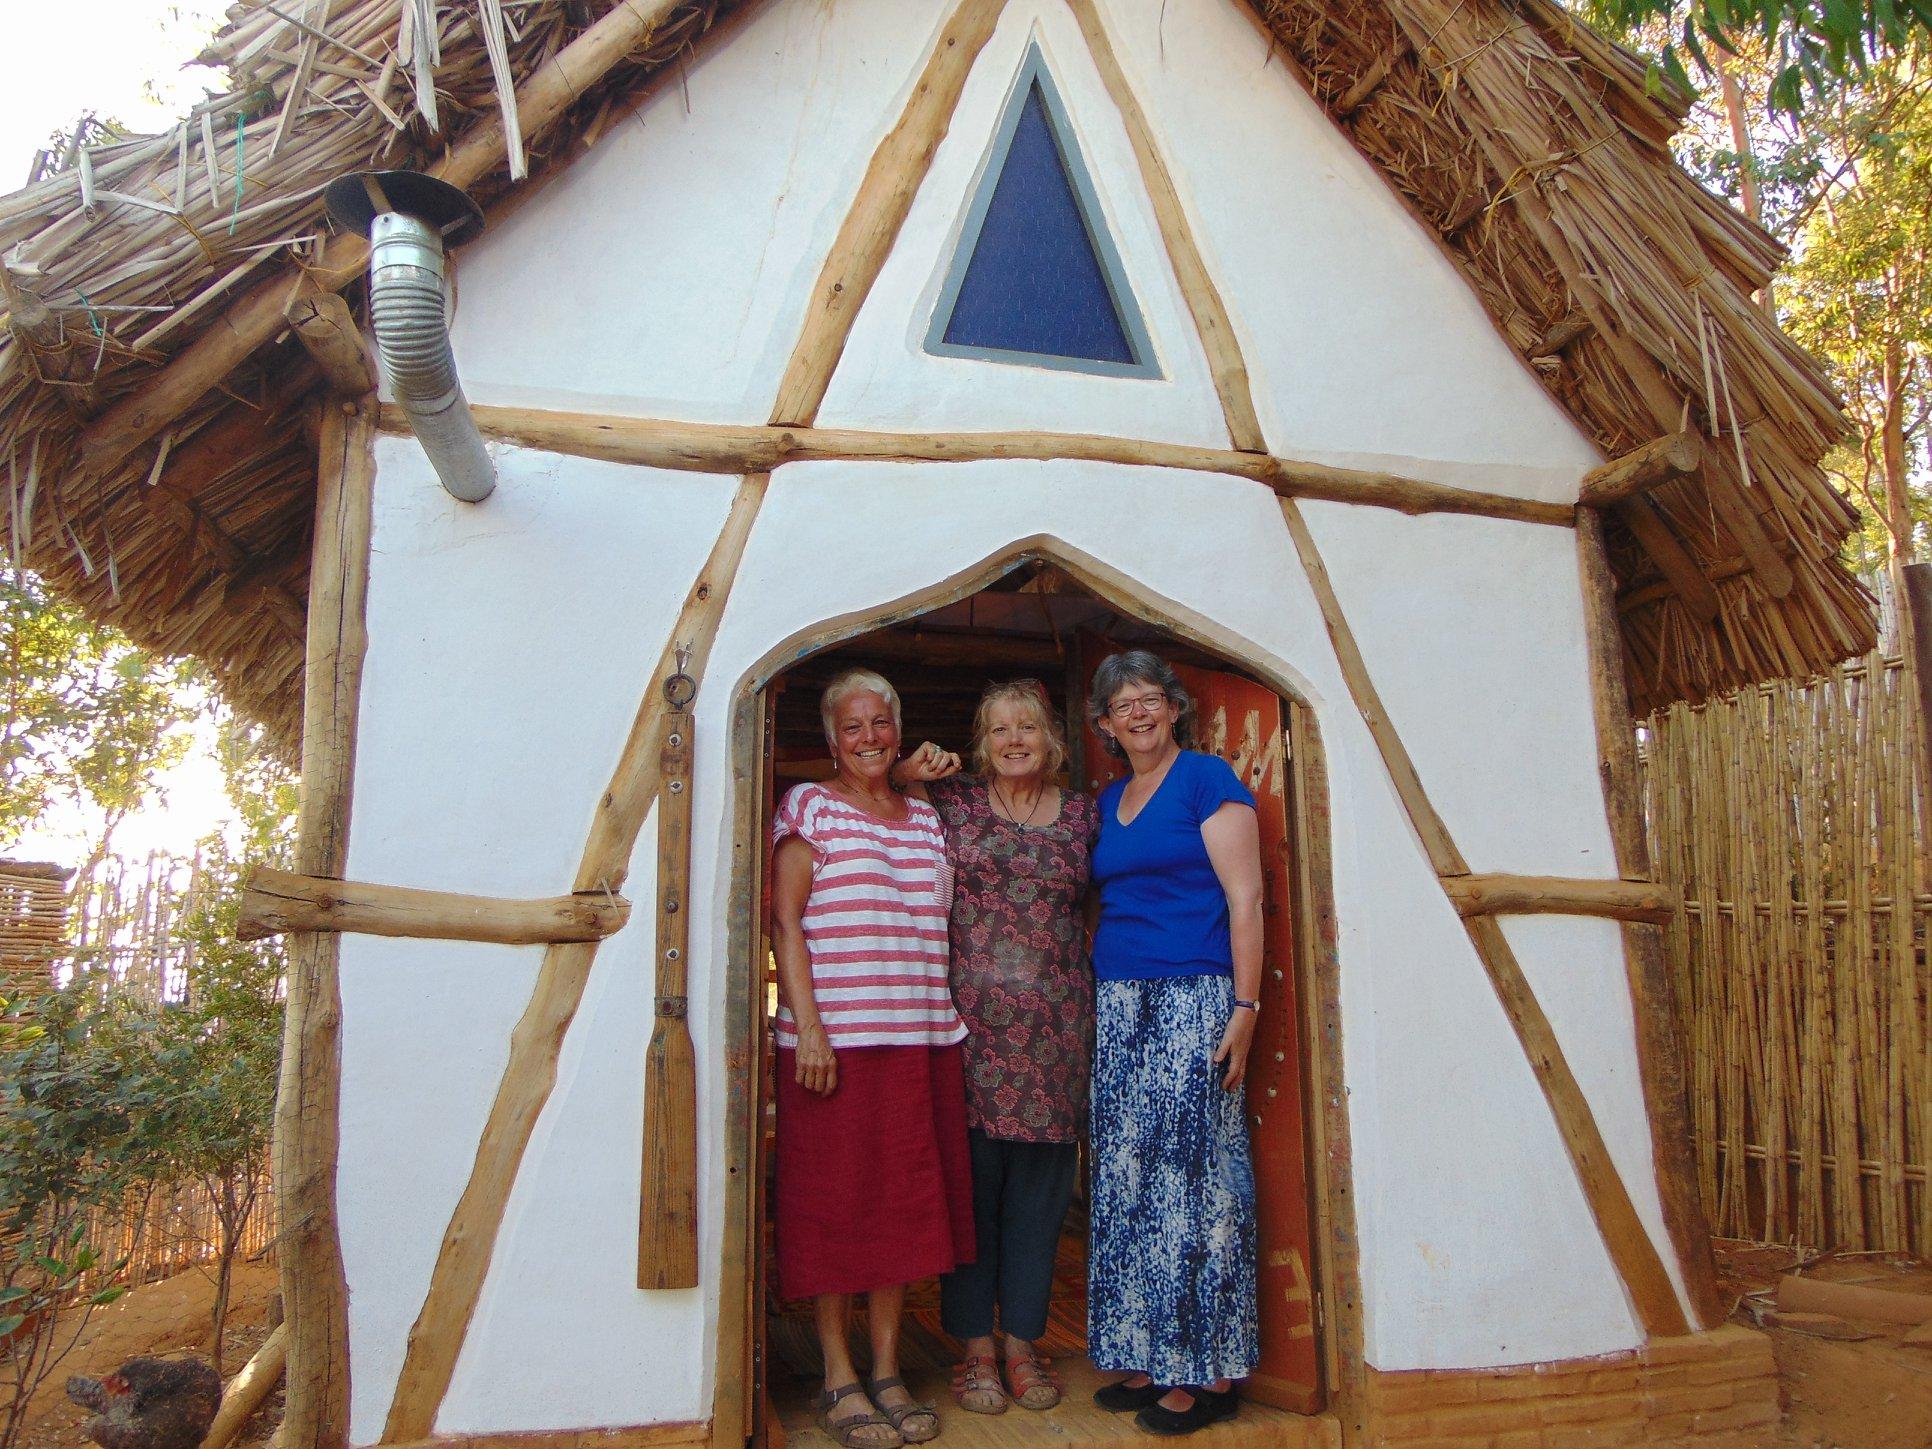 gli hotel più strani del mondo: qui ti sembrerà di vivere tra gli hobbit